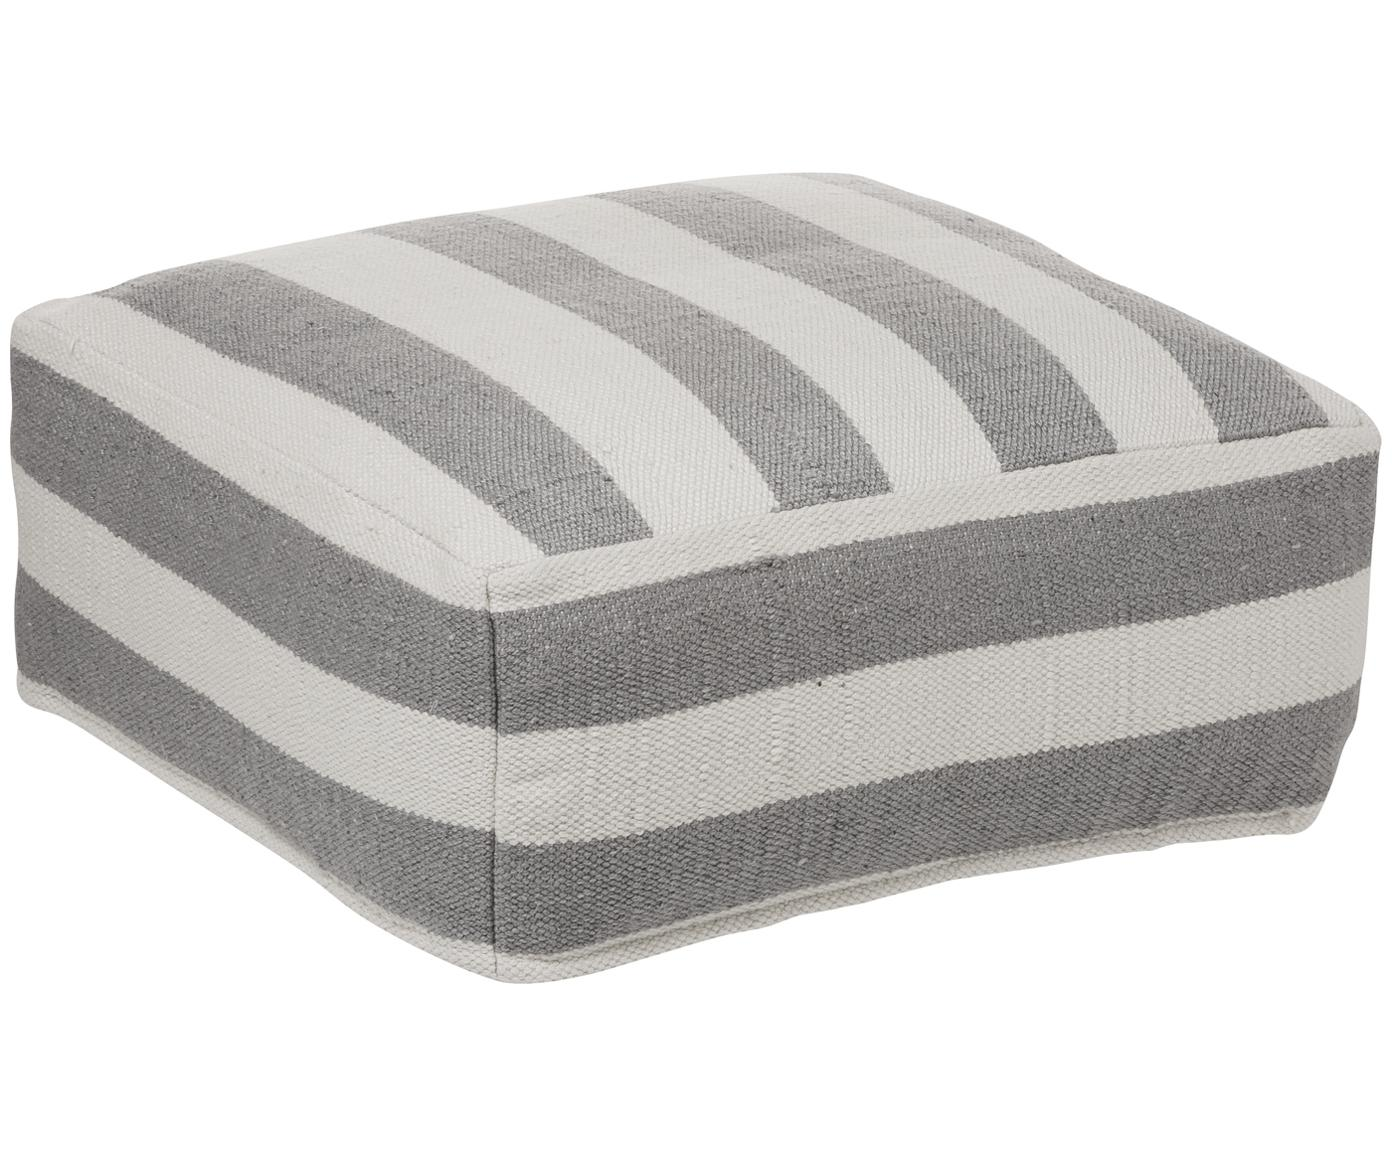 Handgewebtes In- und Outdoor-Bodenkissen Lani, Bezug: 100% Polyester, recycelt, Grau, Ecru, 63 x 30 cm